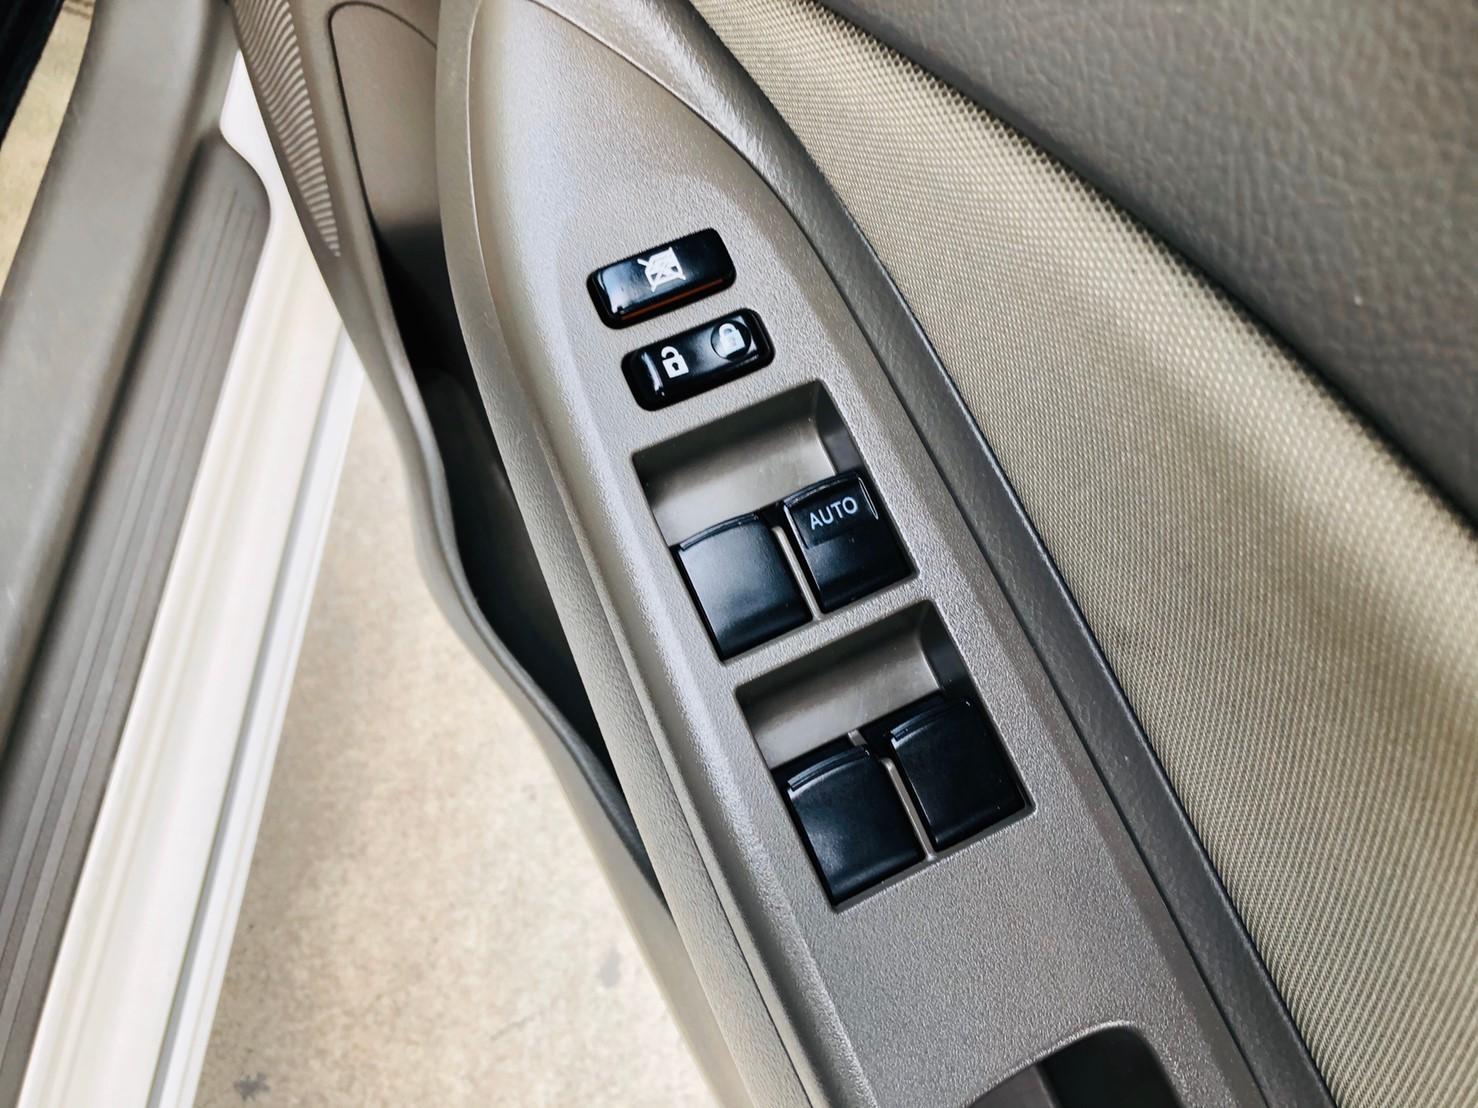 ภาพกระจกไฟฟ้า โตโยต้า วีออส 1.5 ABS AIRBAG ปี 2011